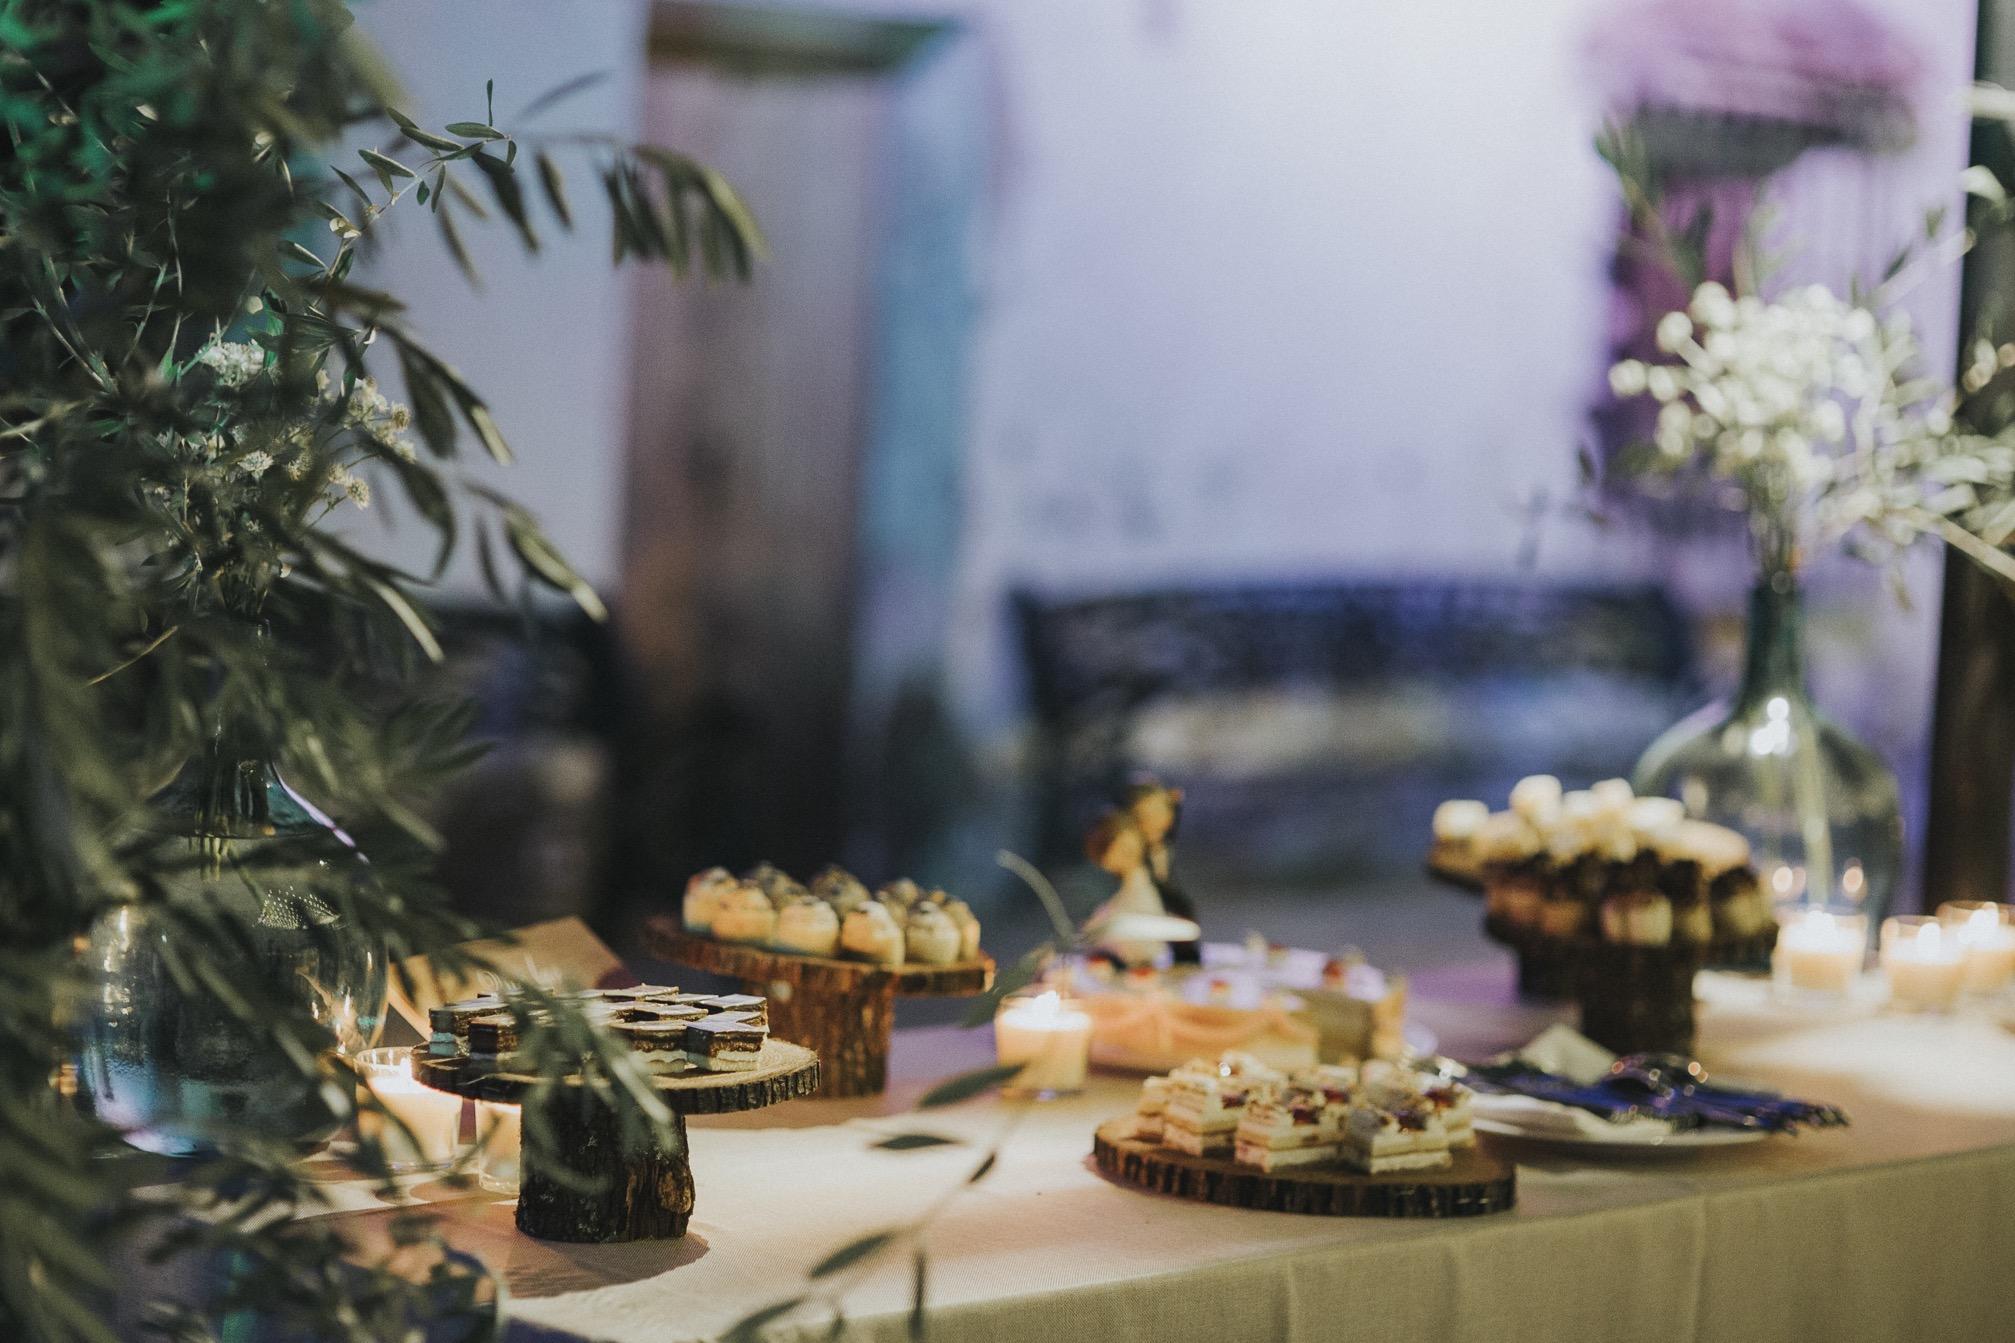 Si-Quiero-Wedding-Planner-By-Sira-Antequera-Bodas-Málaga-Marbella-Miami- Toñi-Jarri-16